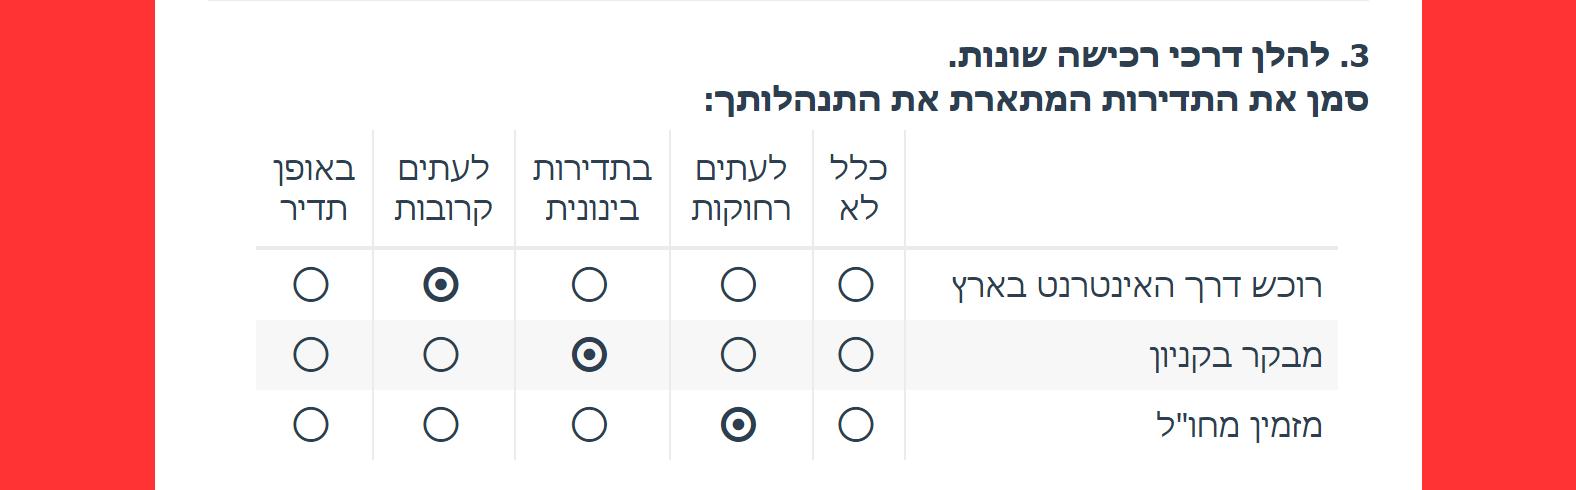 טבלת כפתור בחירה (Radio Button Grid). סוגי שאלות בבניית ויצירת שאלון.